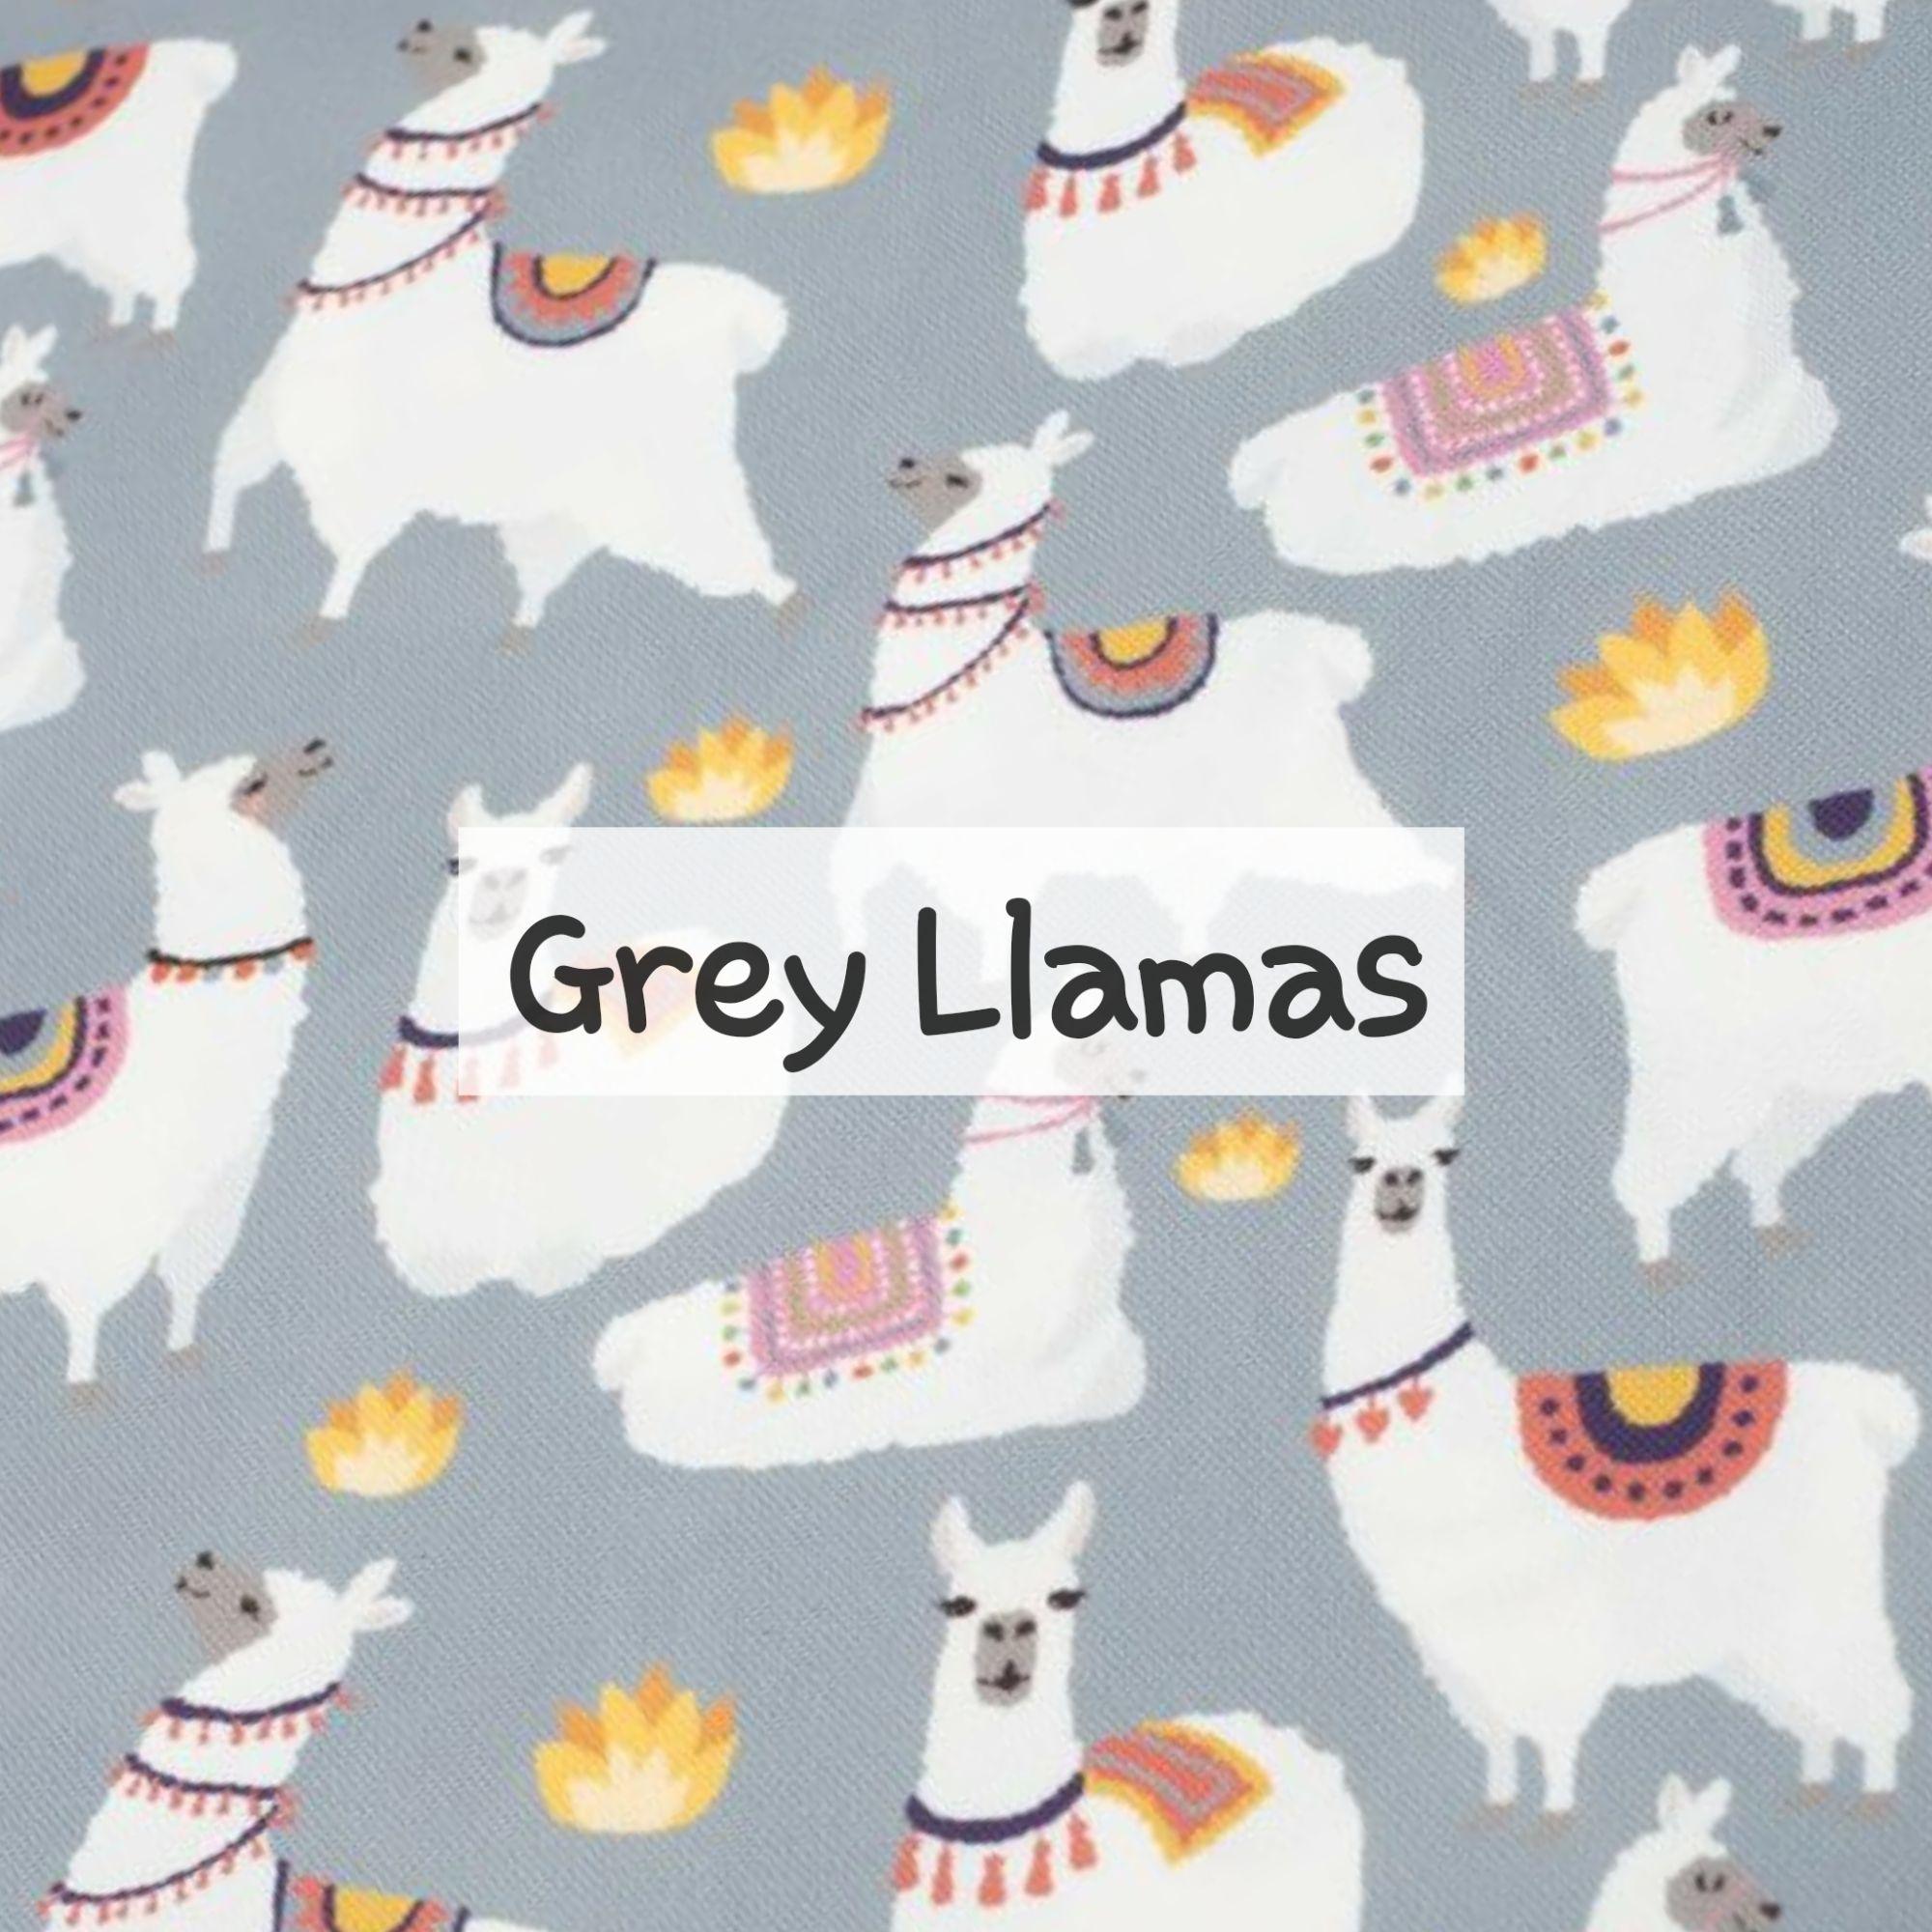 Grey Llamas